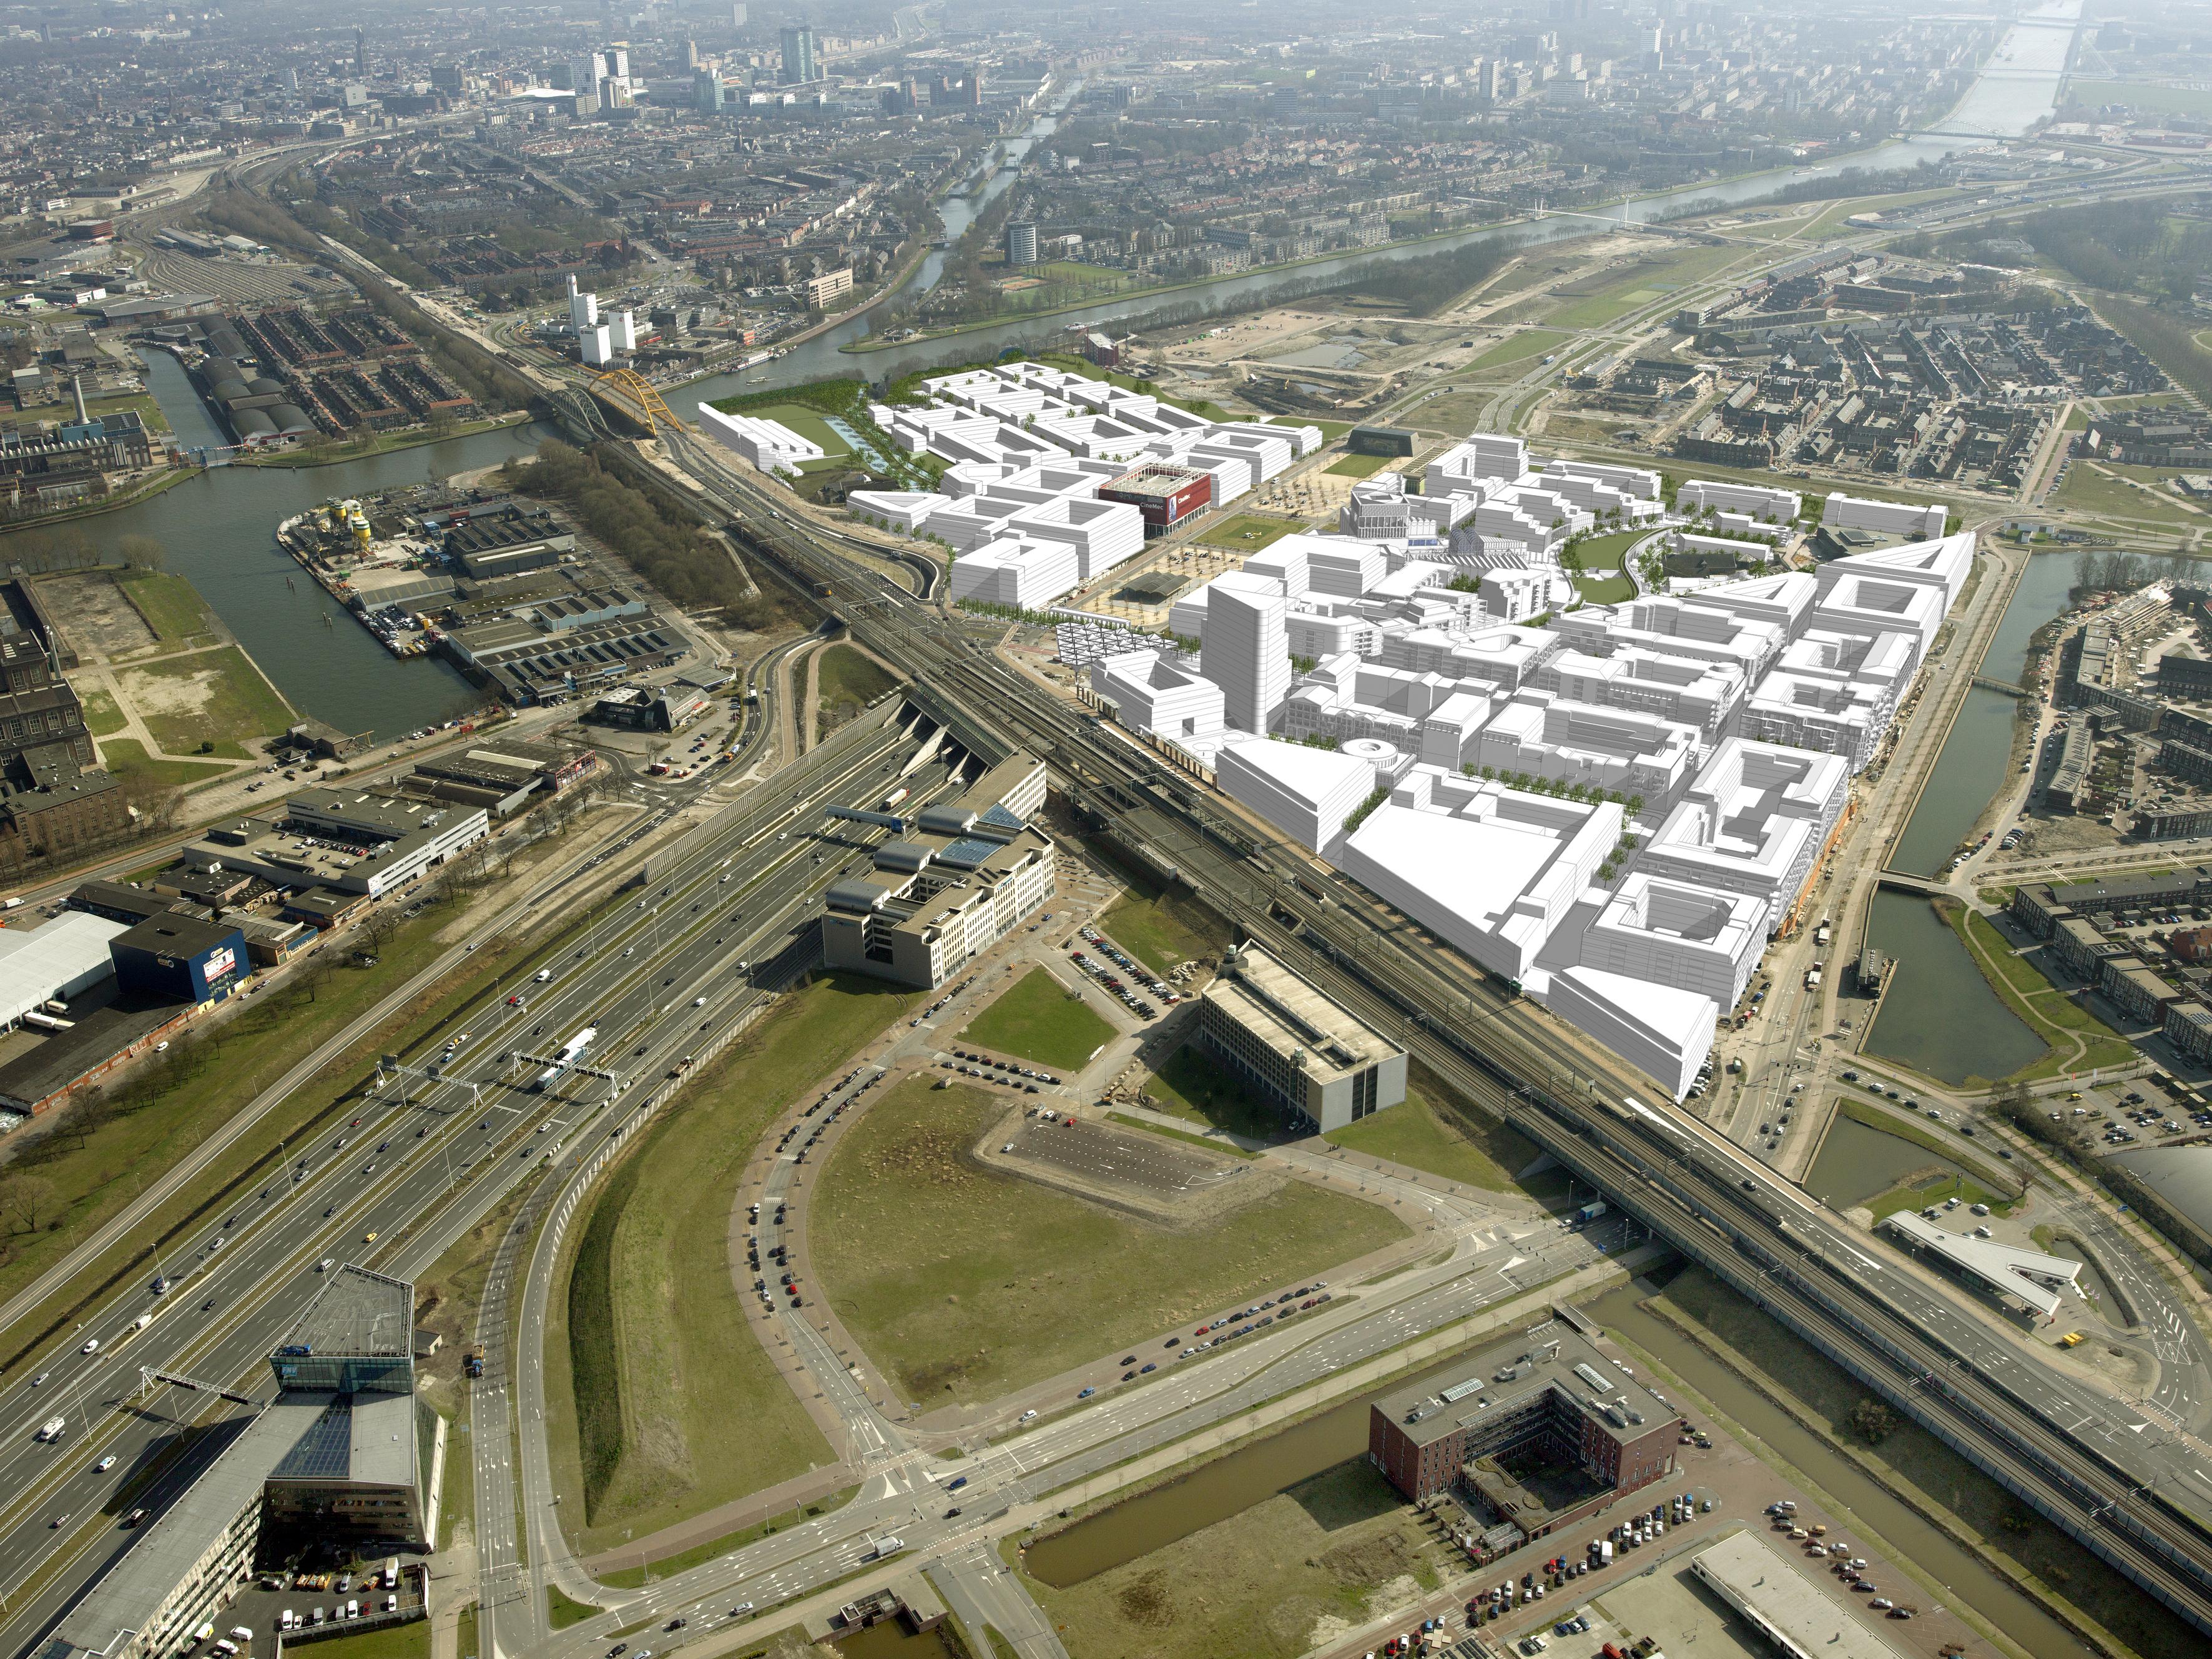 <p>Op deze maquette is goed de ligging van Leidsche Rijn Centrum op de A2 te zien. Het gebied wordt begrensd door de spoorlijn van Utrecht naar Gouda (voorgrond), het Amsterdam-Rijnkanaal (links) en de Grauwaartsingel (rechts).</p>